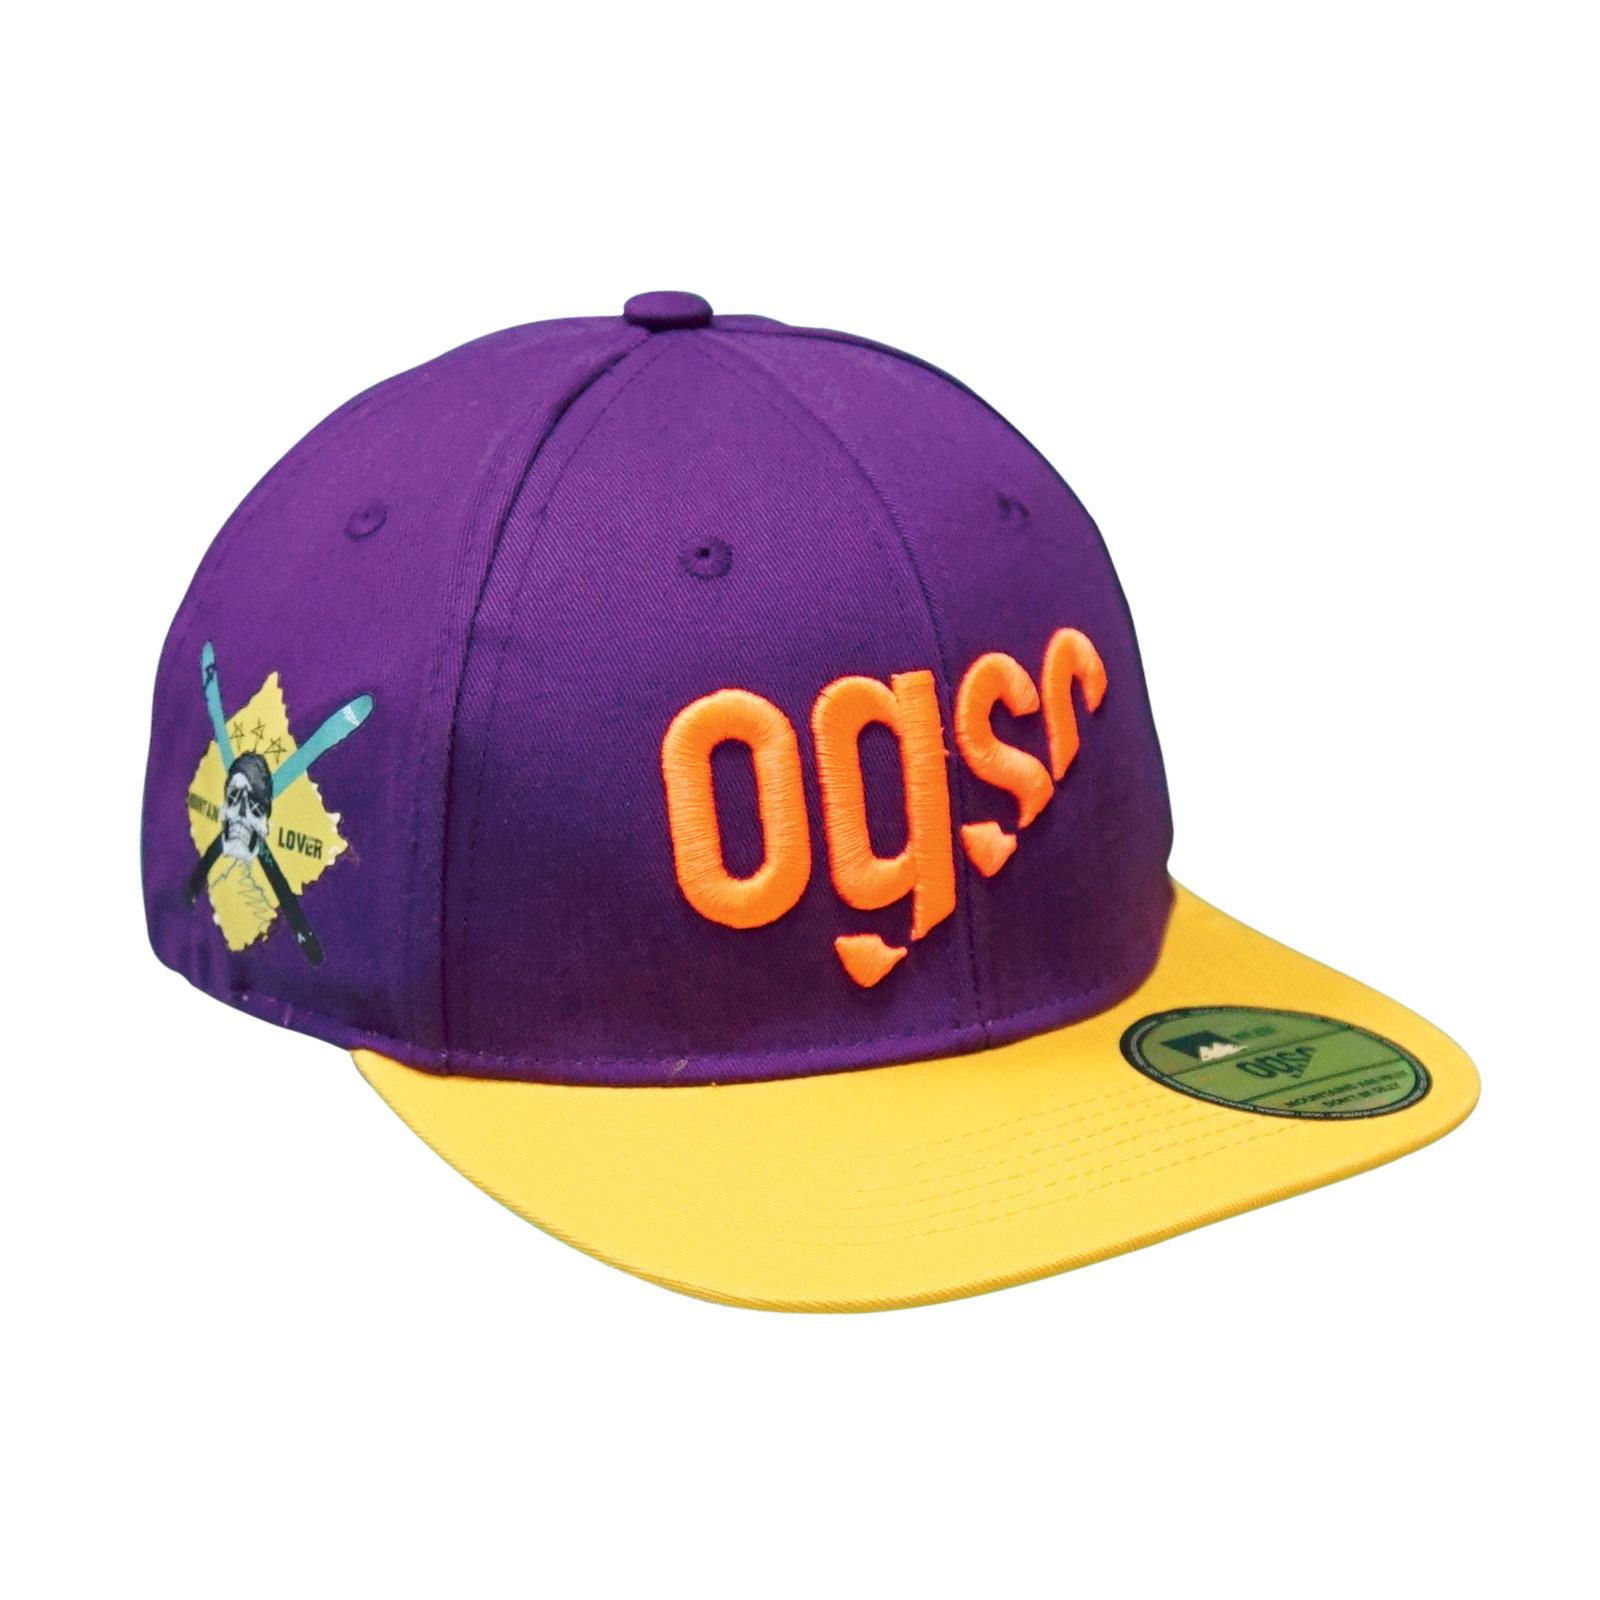 ogso rapper cap purple